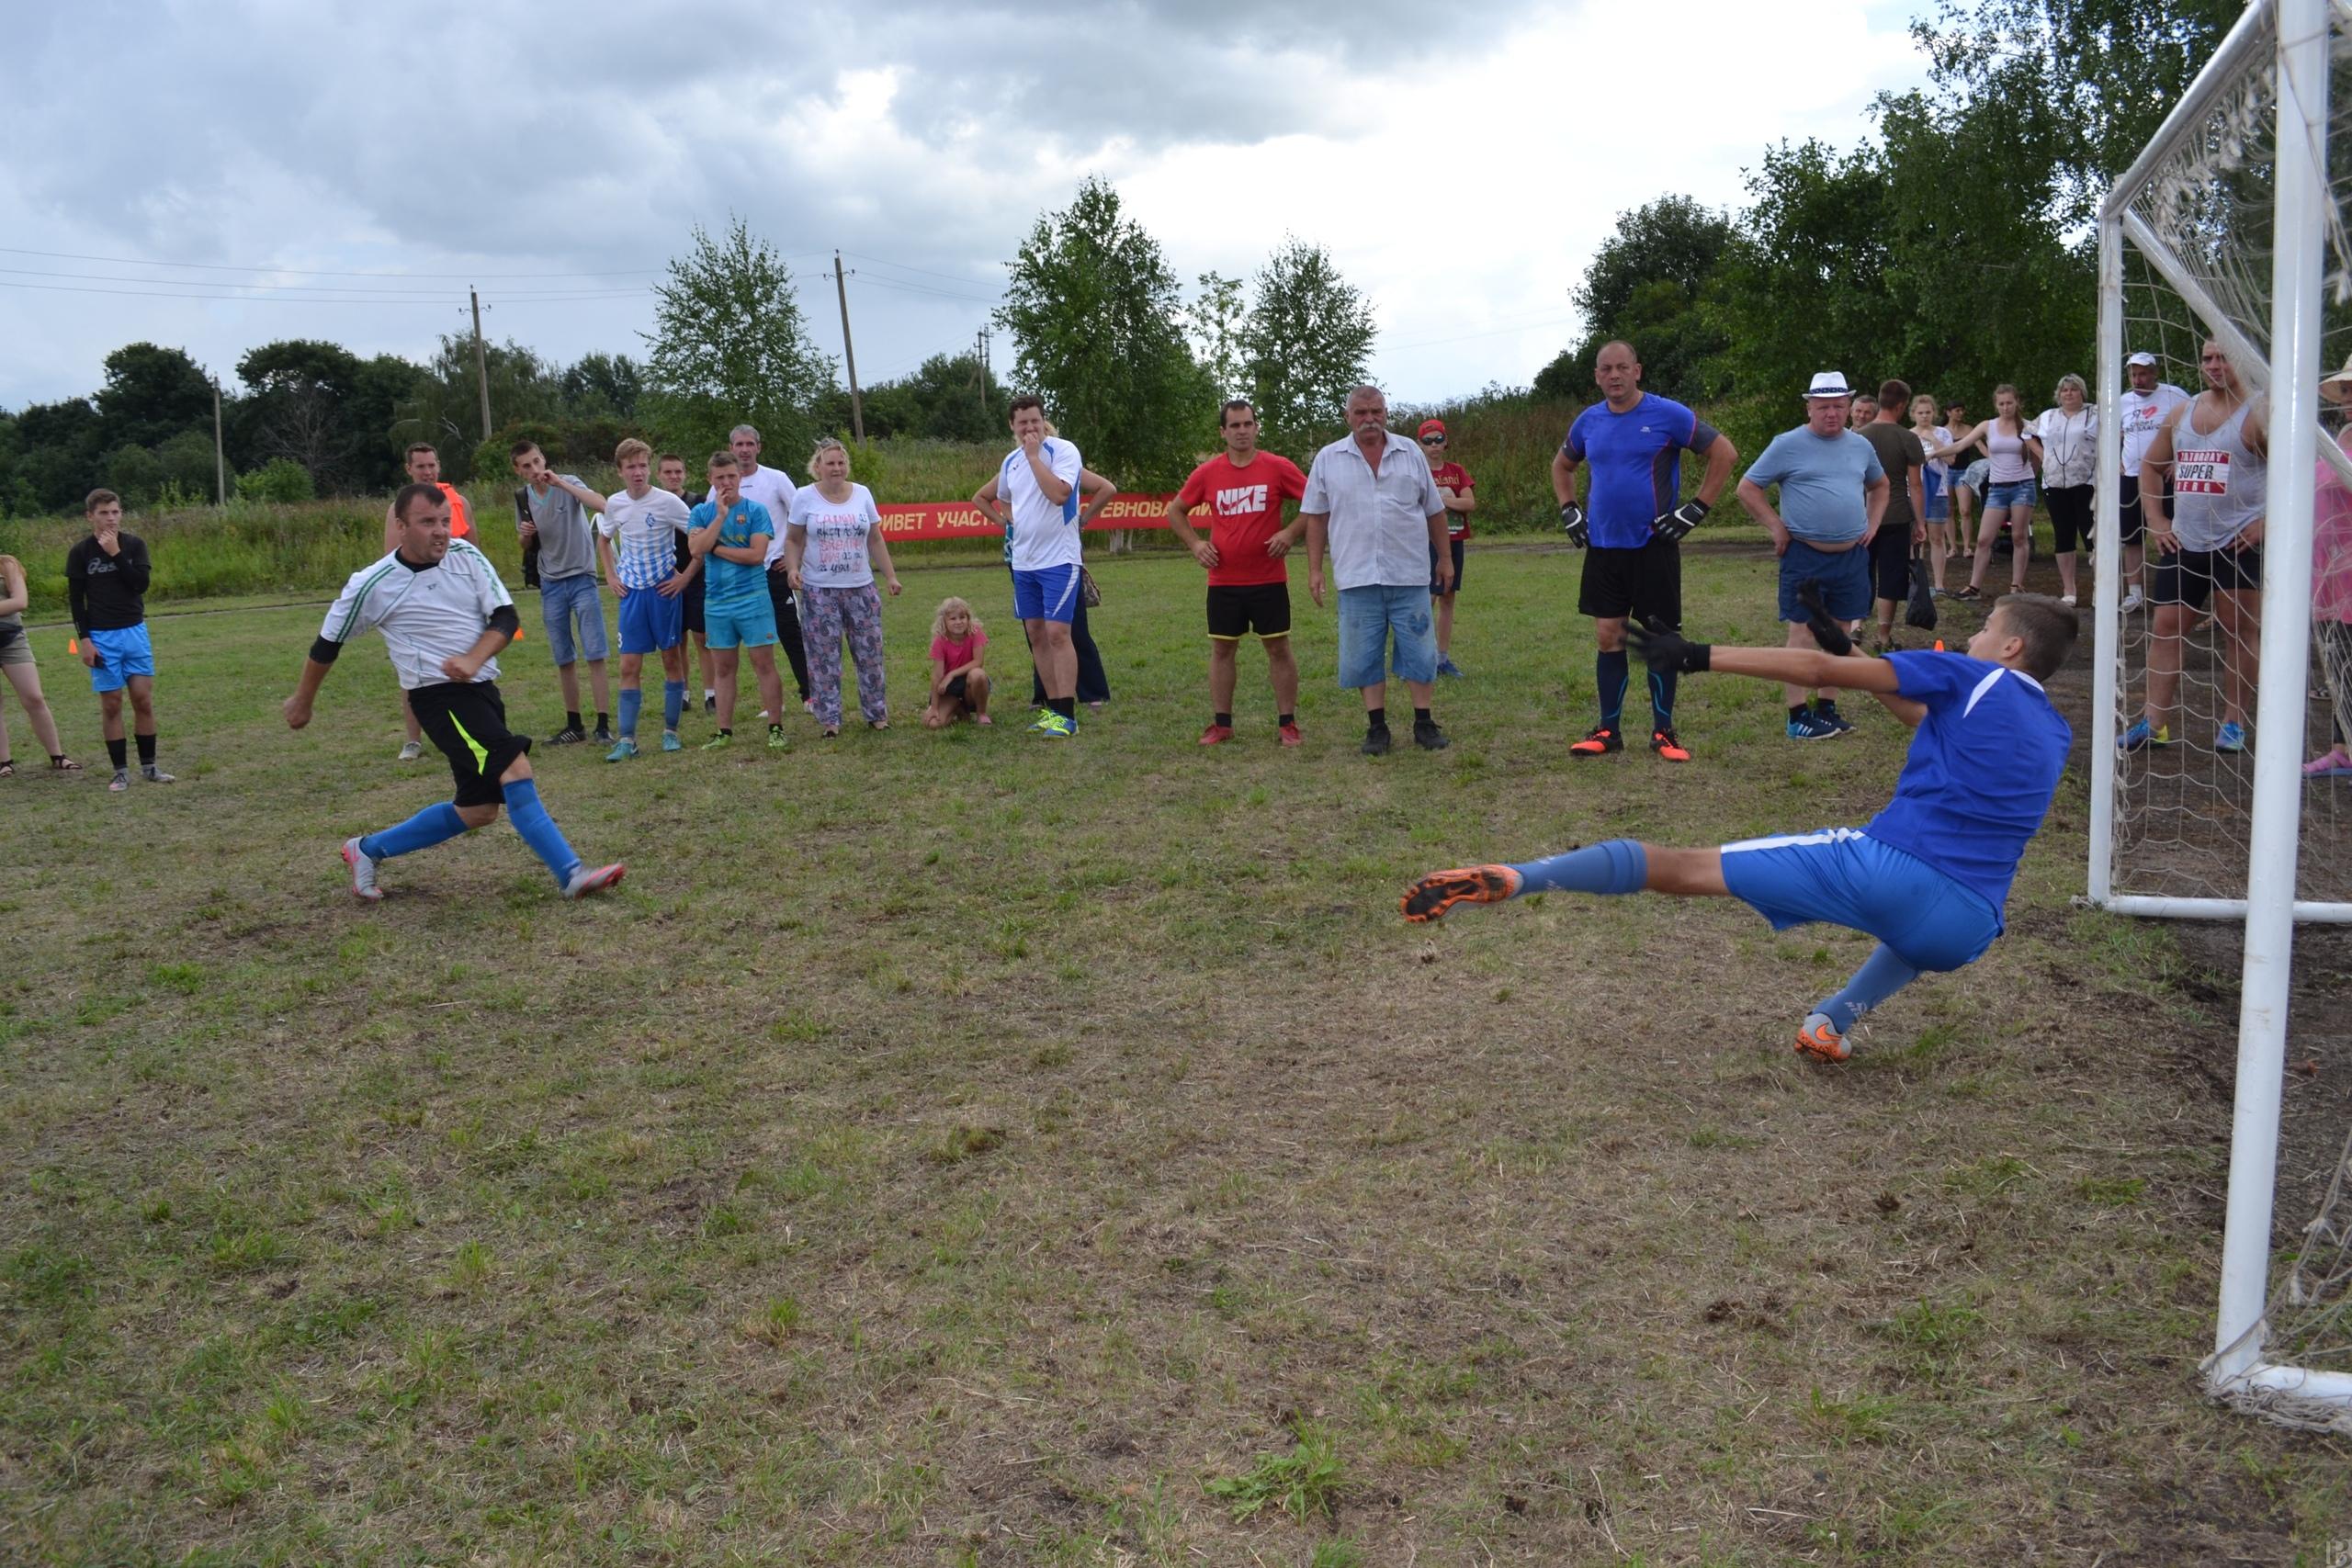 Рязанские спортсмены осваивают новые разновидности футбола